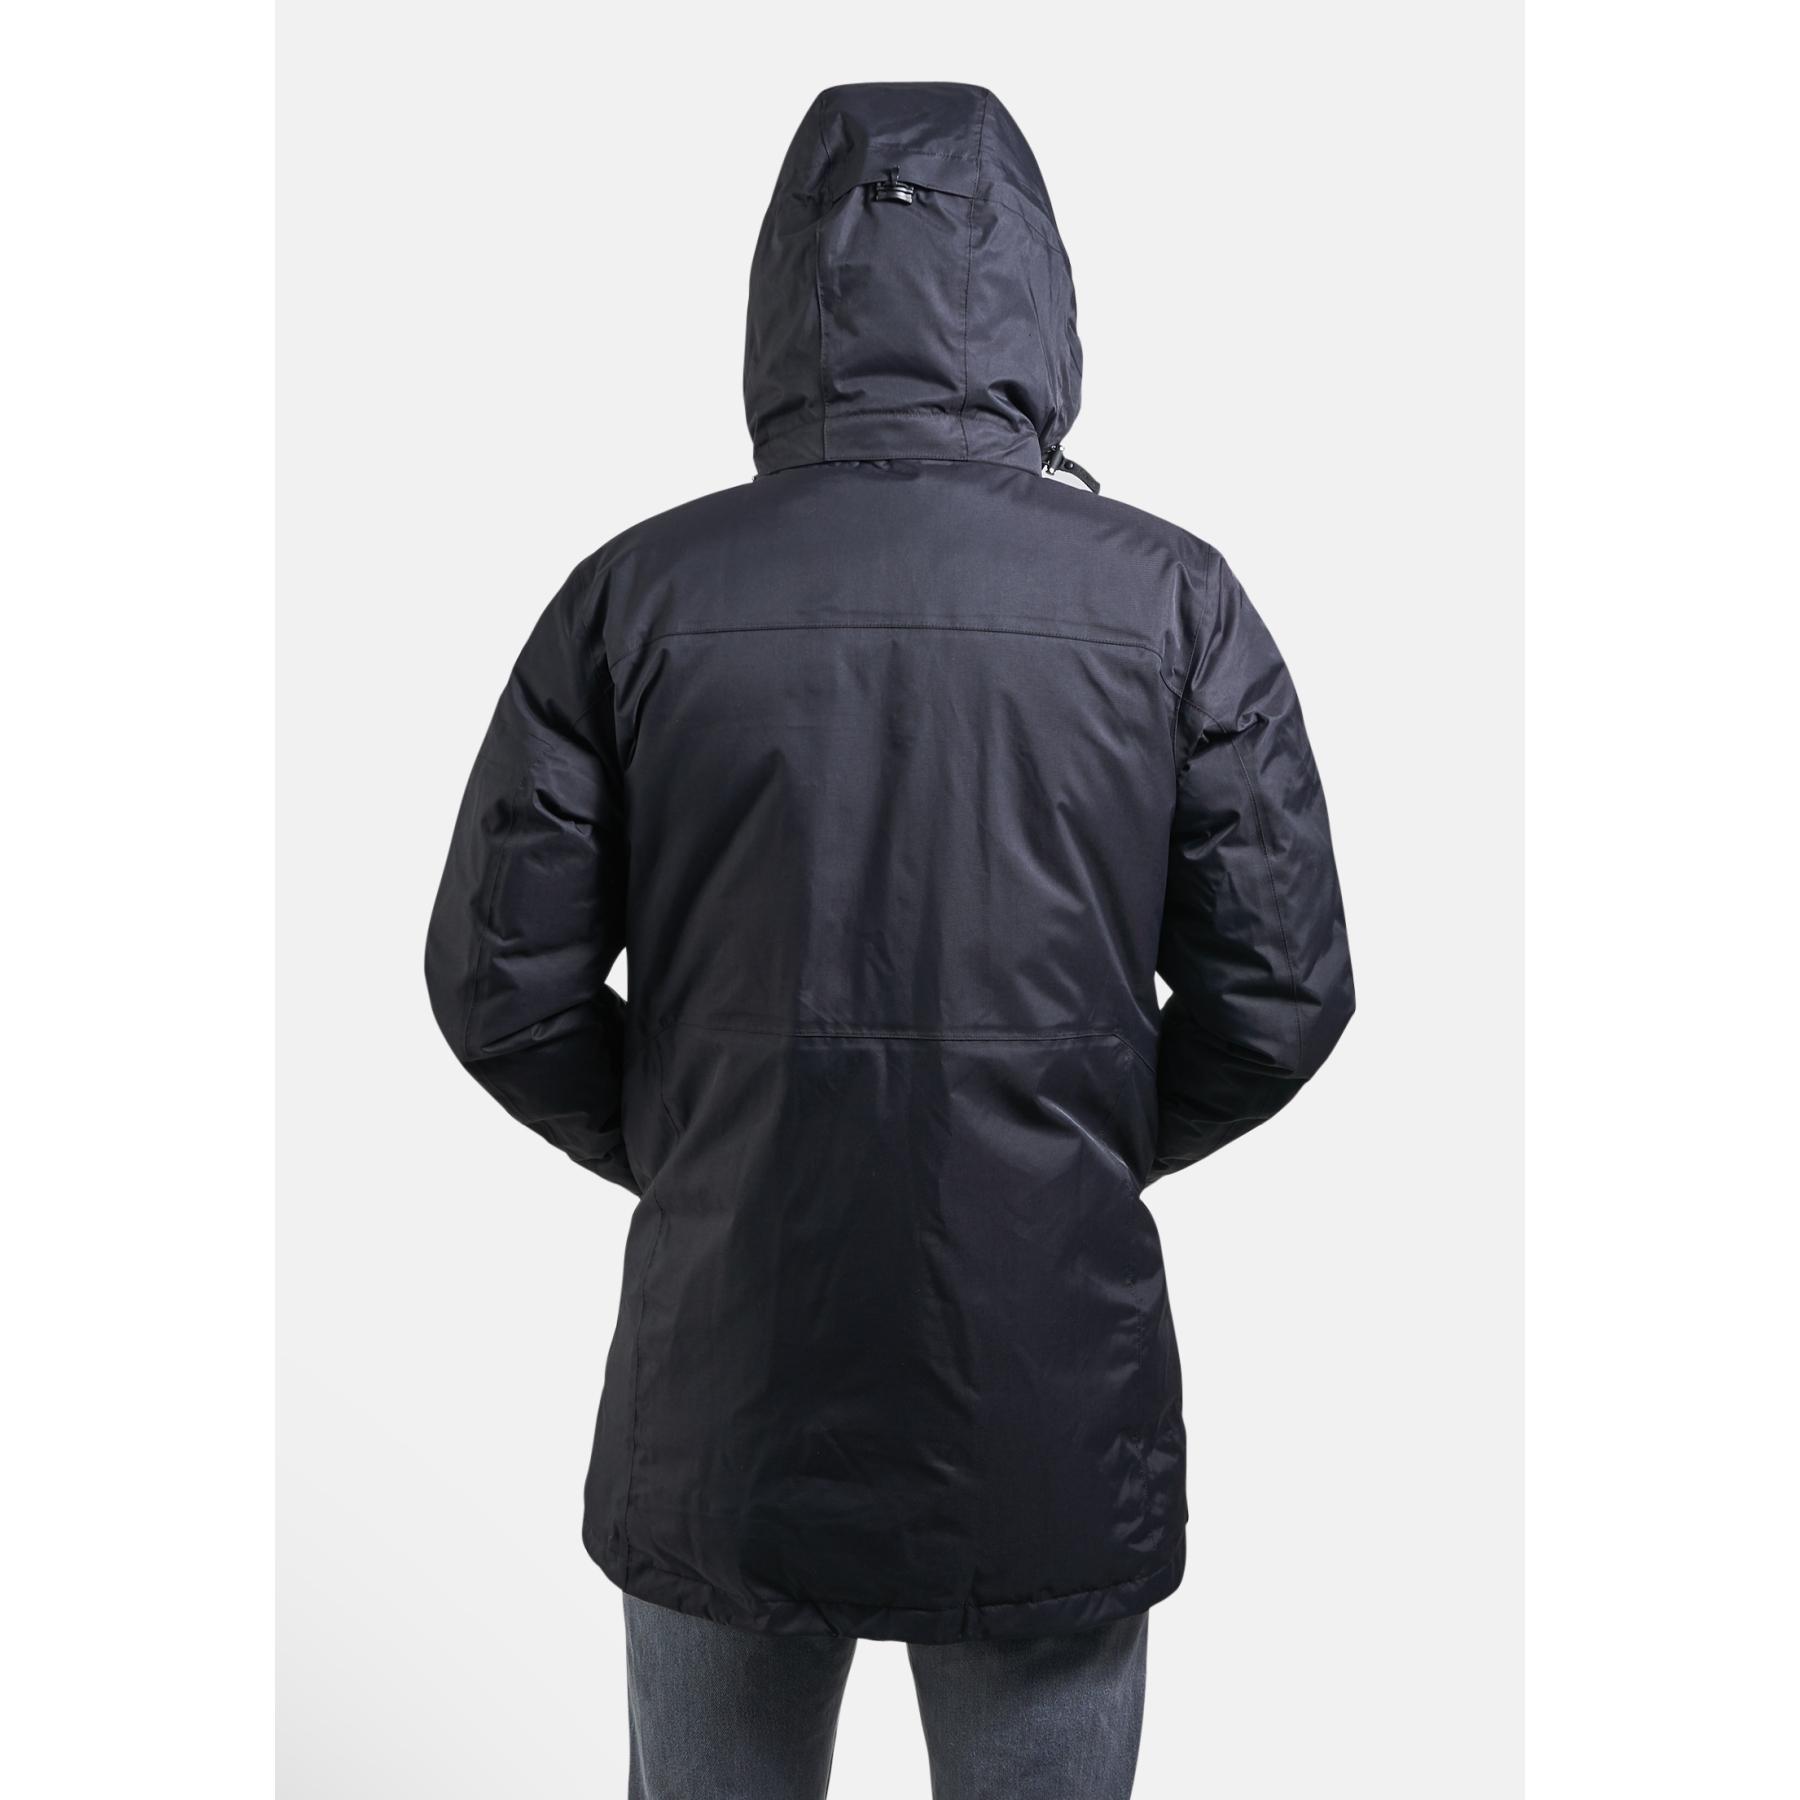 Image of Yeti Men's Ekfors Down Insulated Shell Parka - black